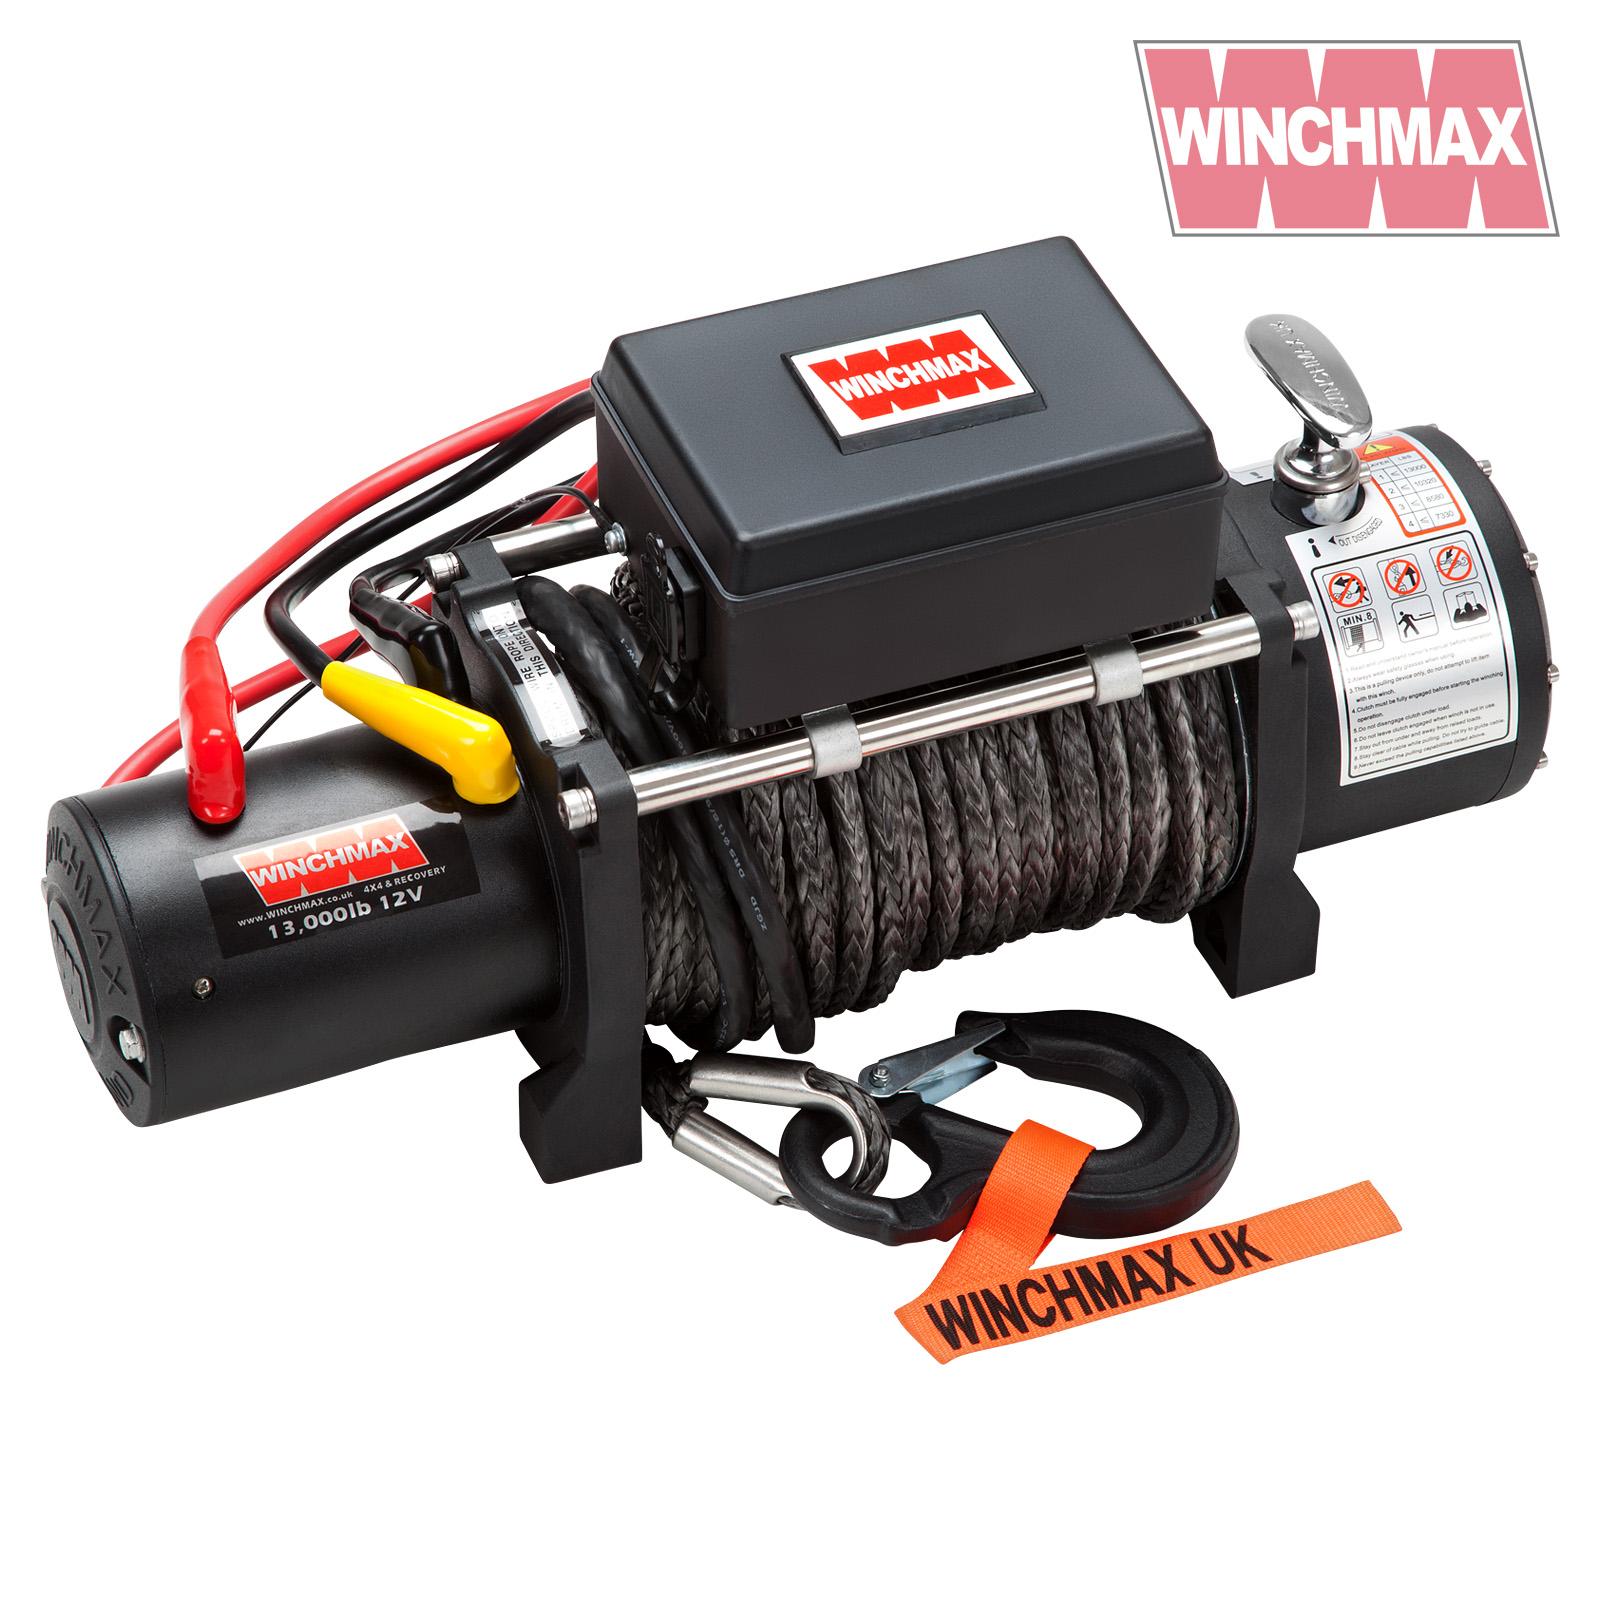 Wm1300012vmilsyn winchmax 019